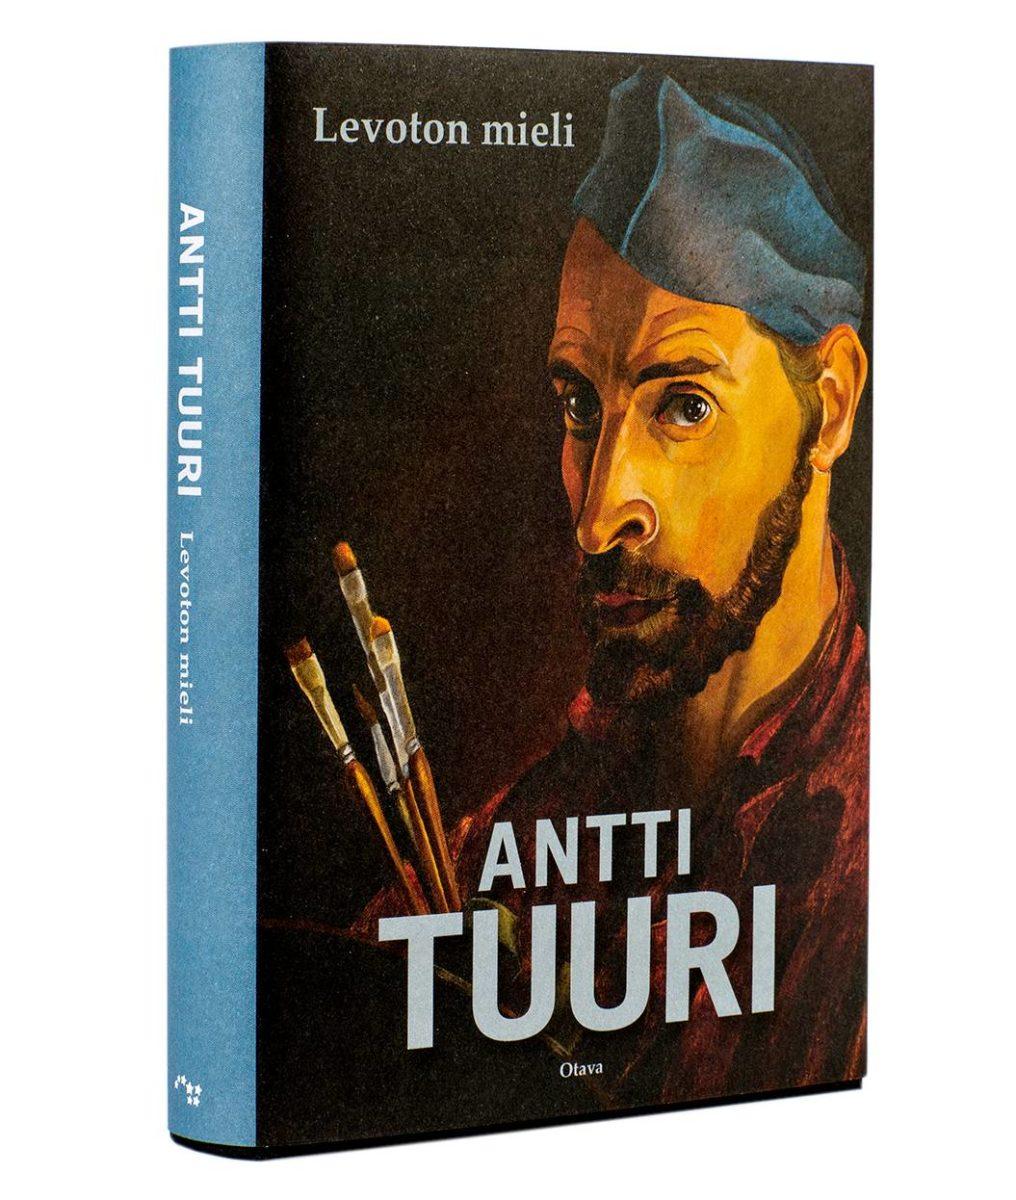 Antti Tuuri: Levoton mieli. 446 s. Otava, 2019.